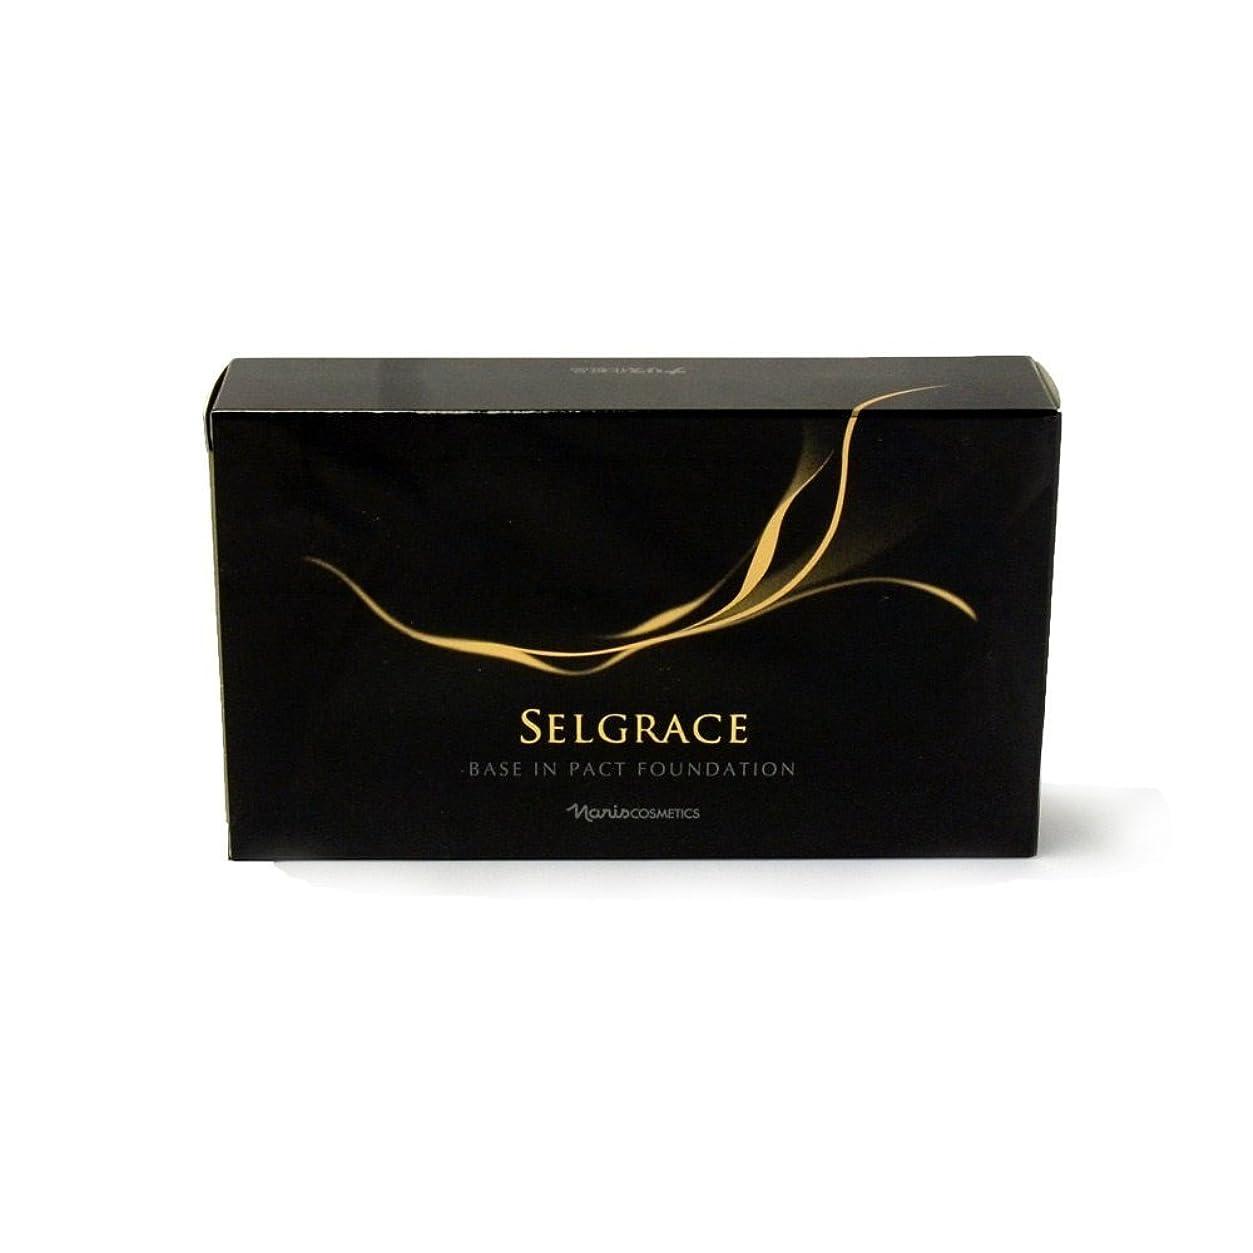 メッセンジャー真空勇気ナリス化粧品 セルグレース ベースインパクト ファンデーション 570 ダークベージュ レフィル (スポンジ付き)